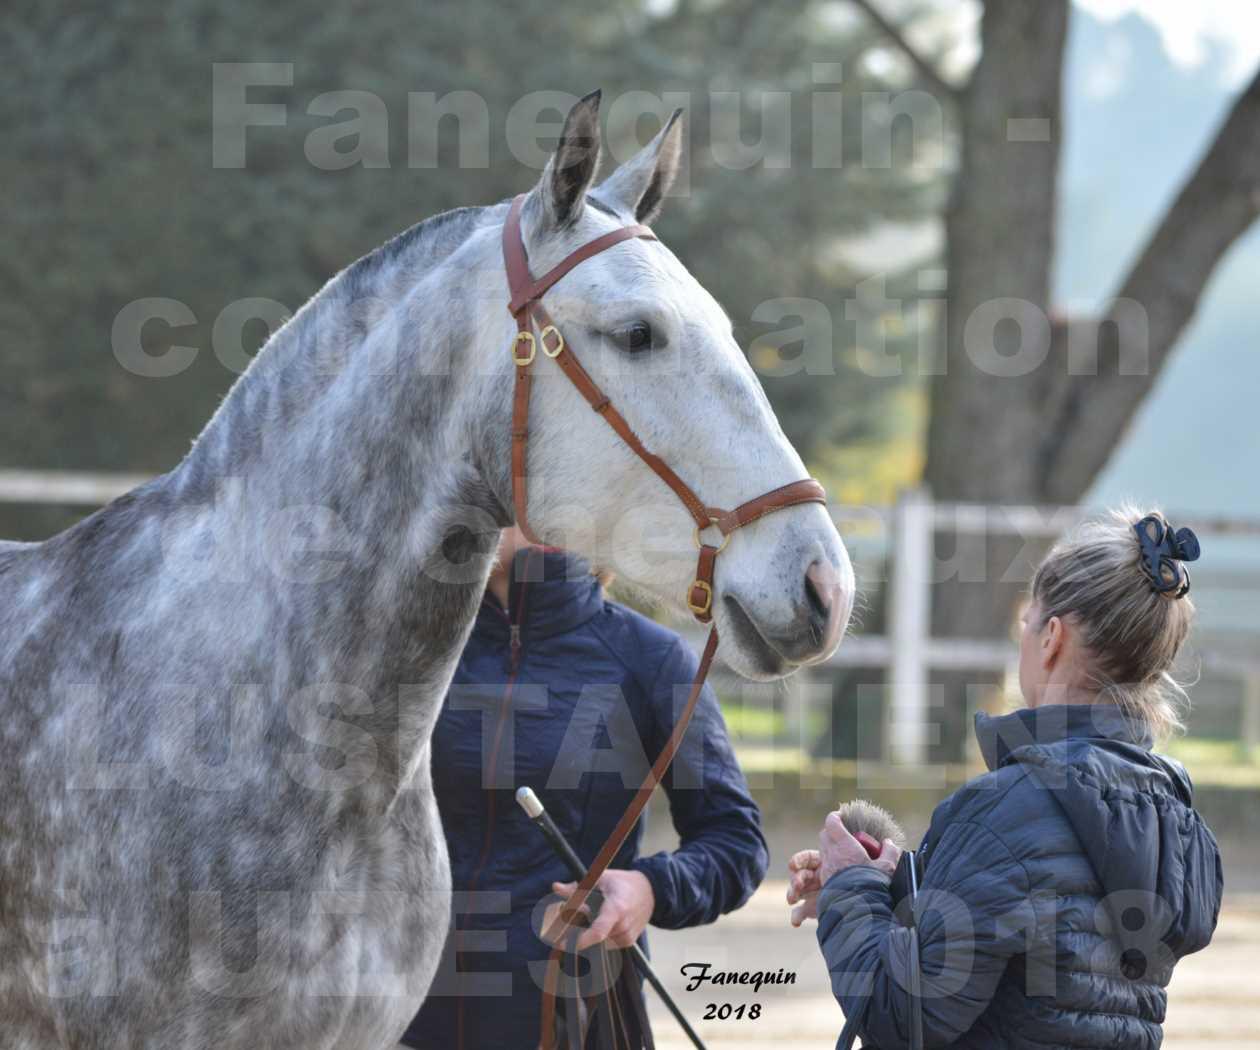 Confirmation de chevaux LUSITANIENS aux Haras d'UZES Novembre 2018 - JANIA SAINT SAUVEUR - Portraits - 1